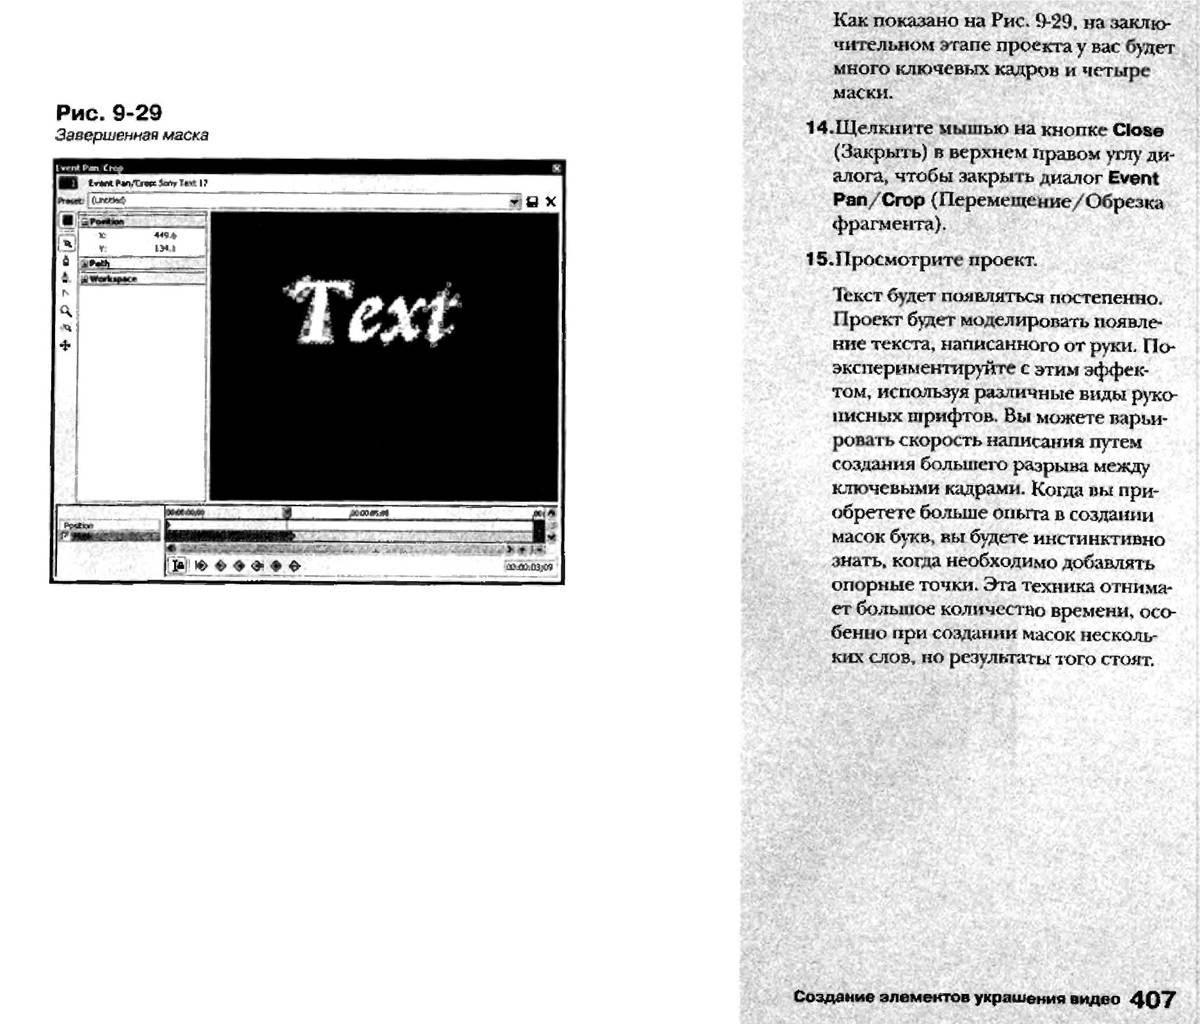 http://redaktori-uroki.3dn.ru/_ph/12/249915701.jpg